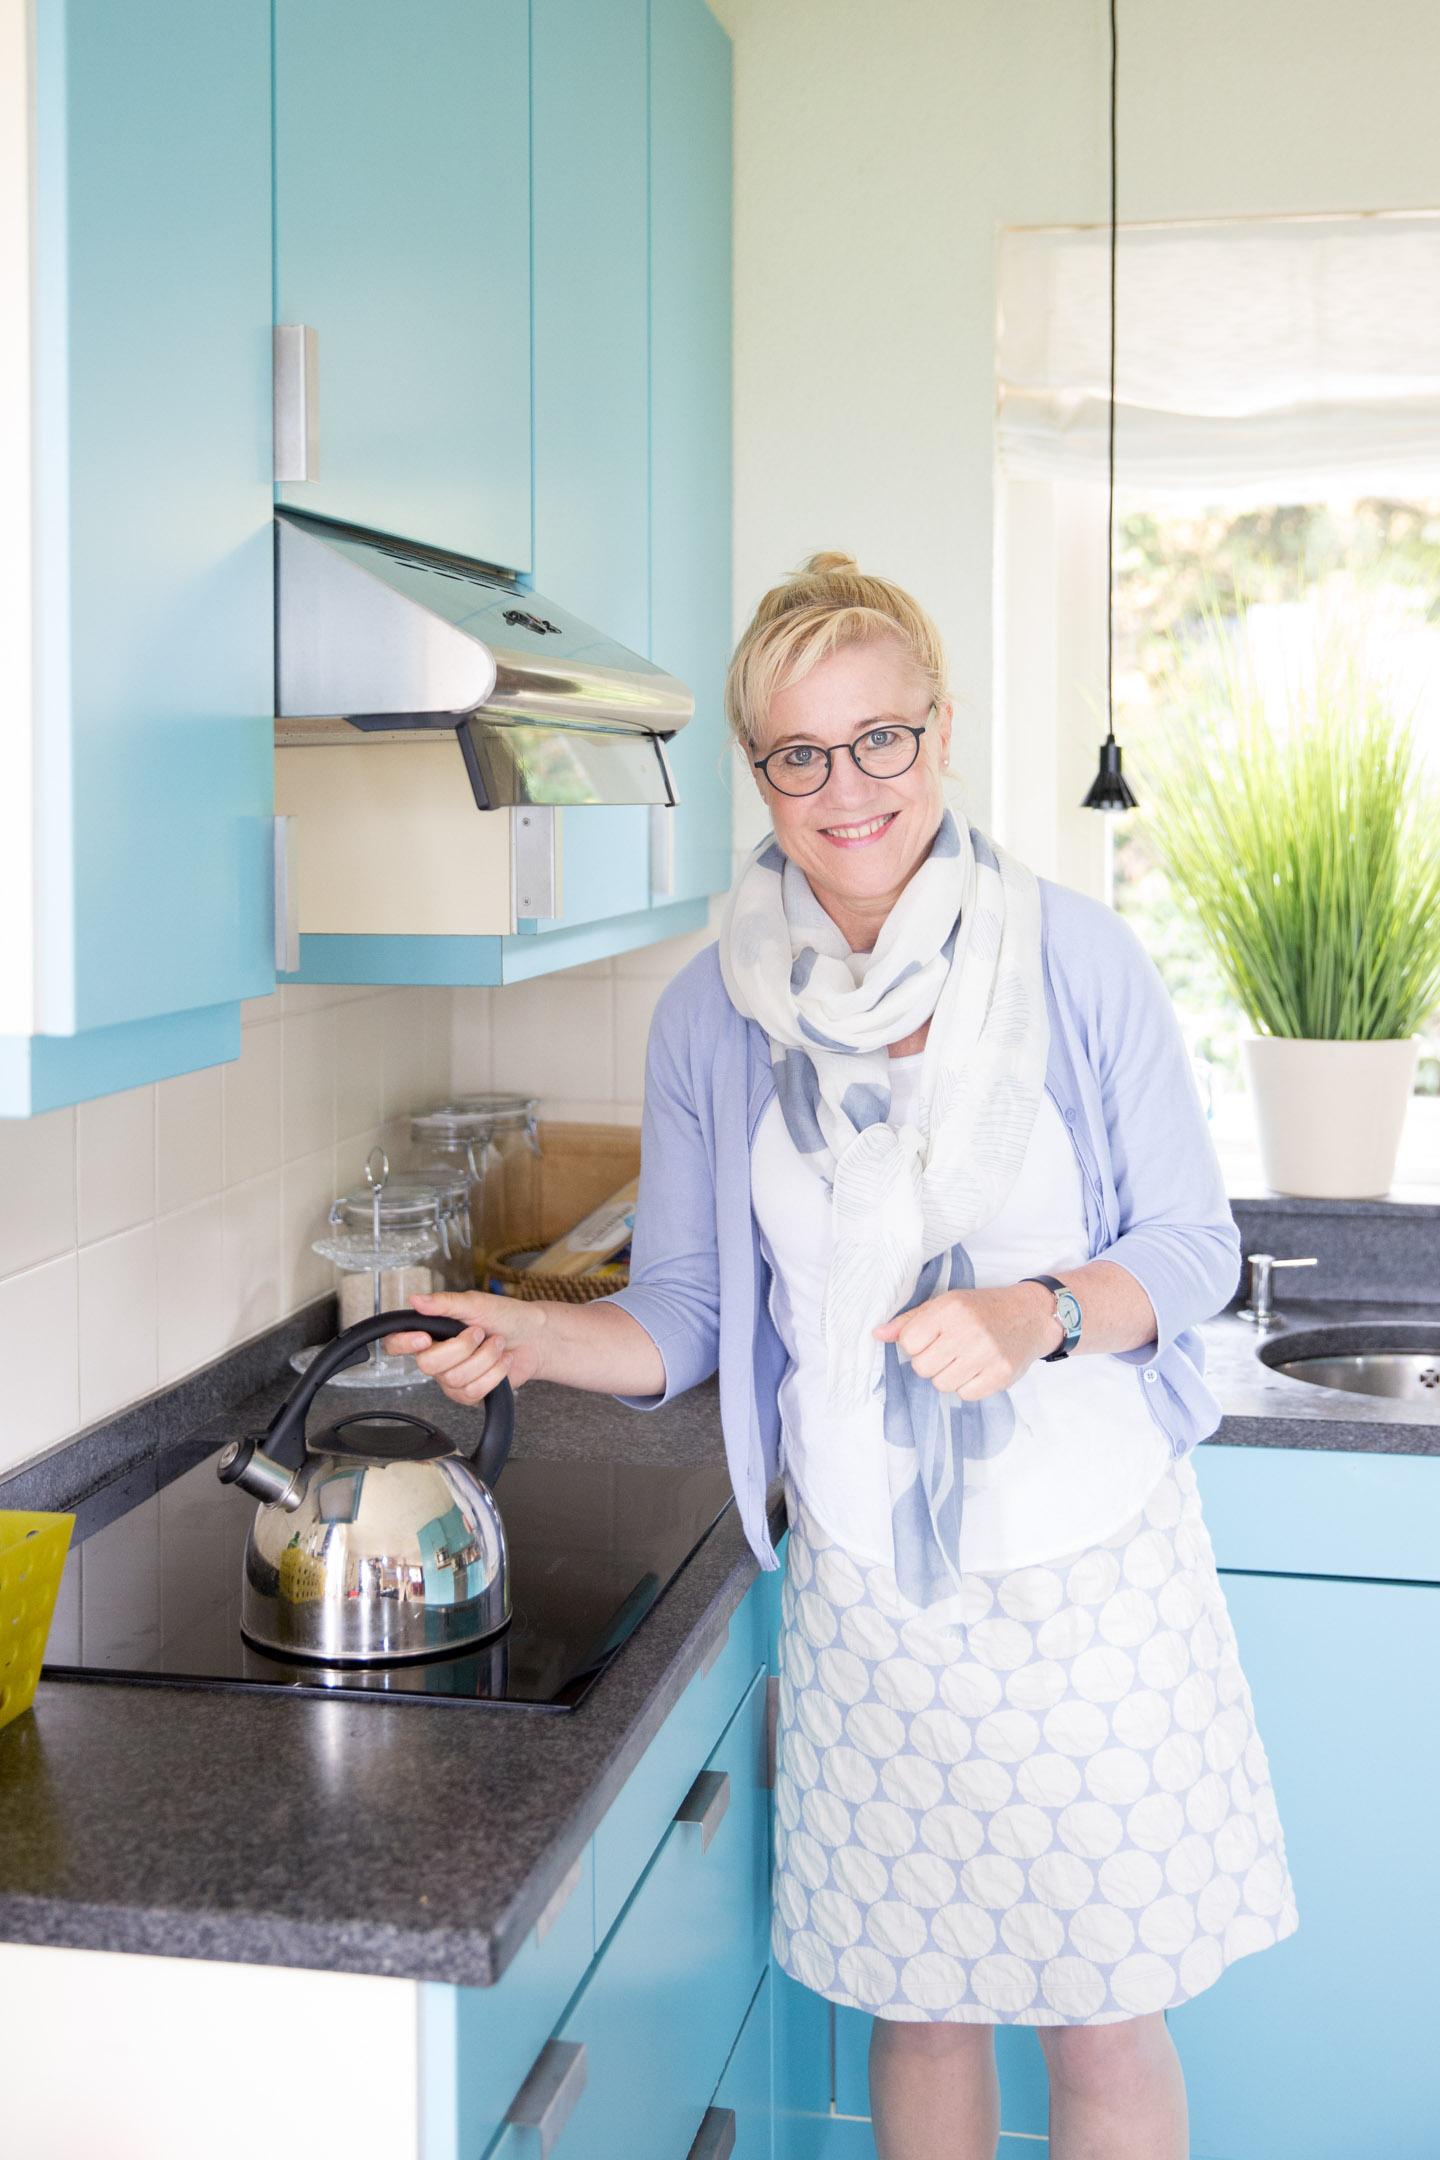 Energieneutraal-huis-woonwijk-wonen-thuisbaas-credit-Chantal-Bekker-GraphicAlert-39-inductie-kookplaat